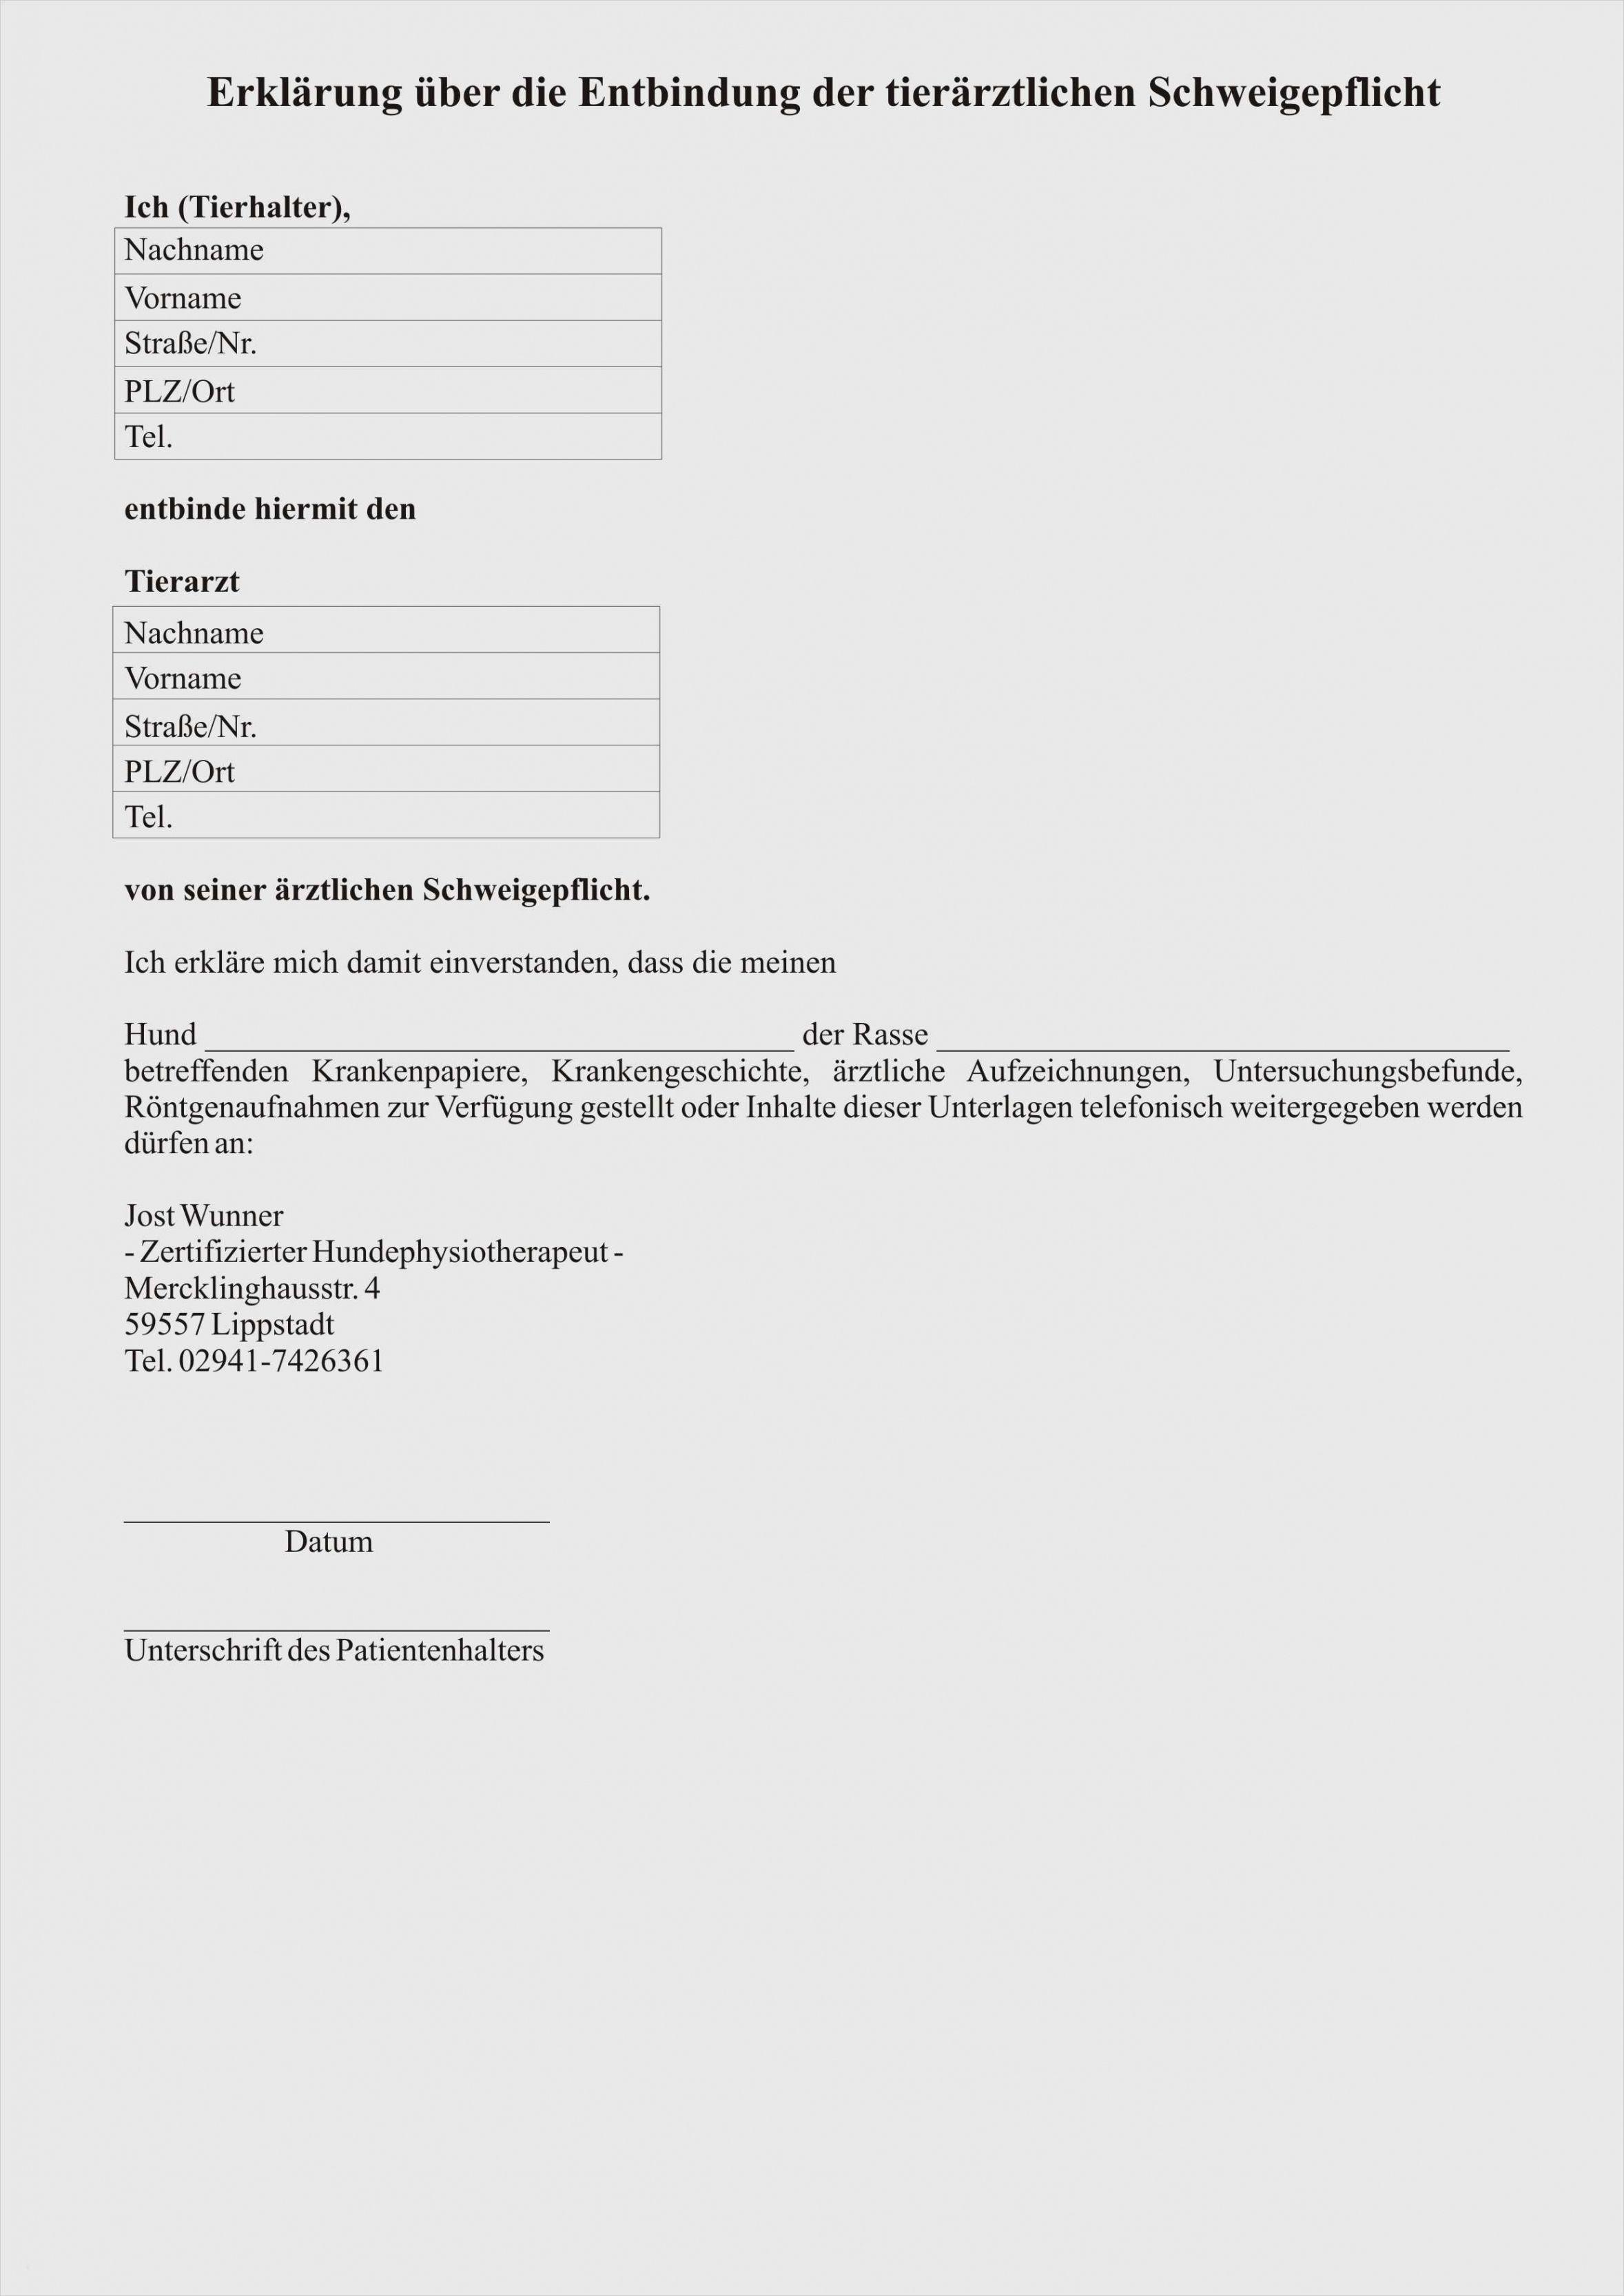 Blattern Unsere Druckbar Von Tierarzt Rechnung Vorlage In 2020 Rechnung Vorlage Tierarzt Rechnungsvorlage